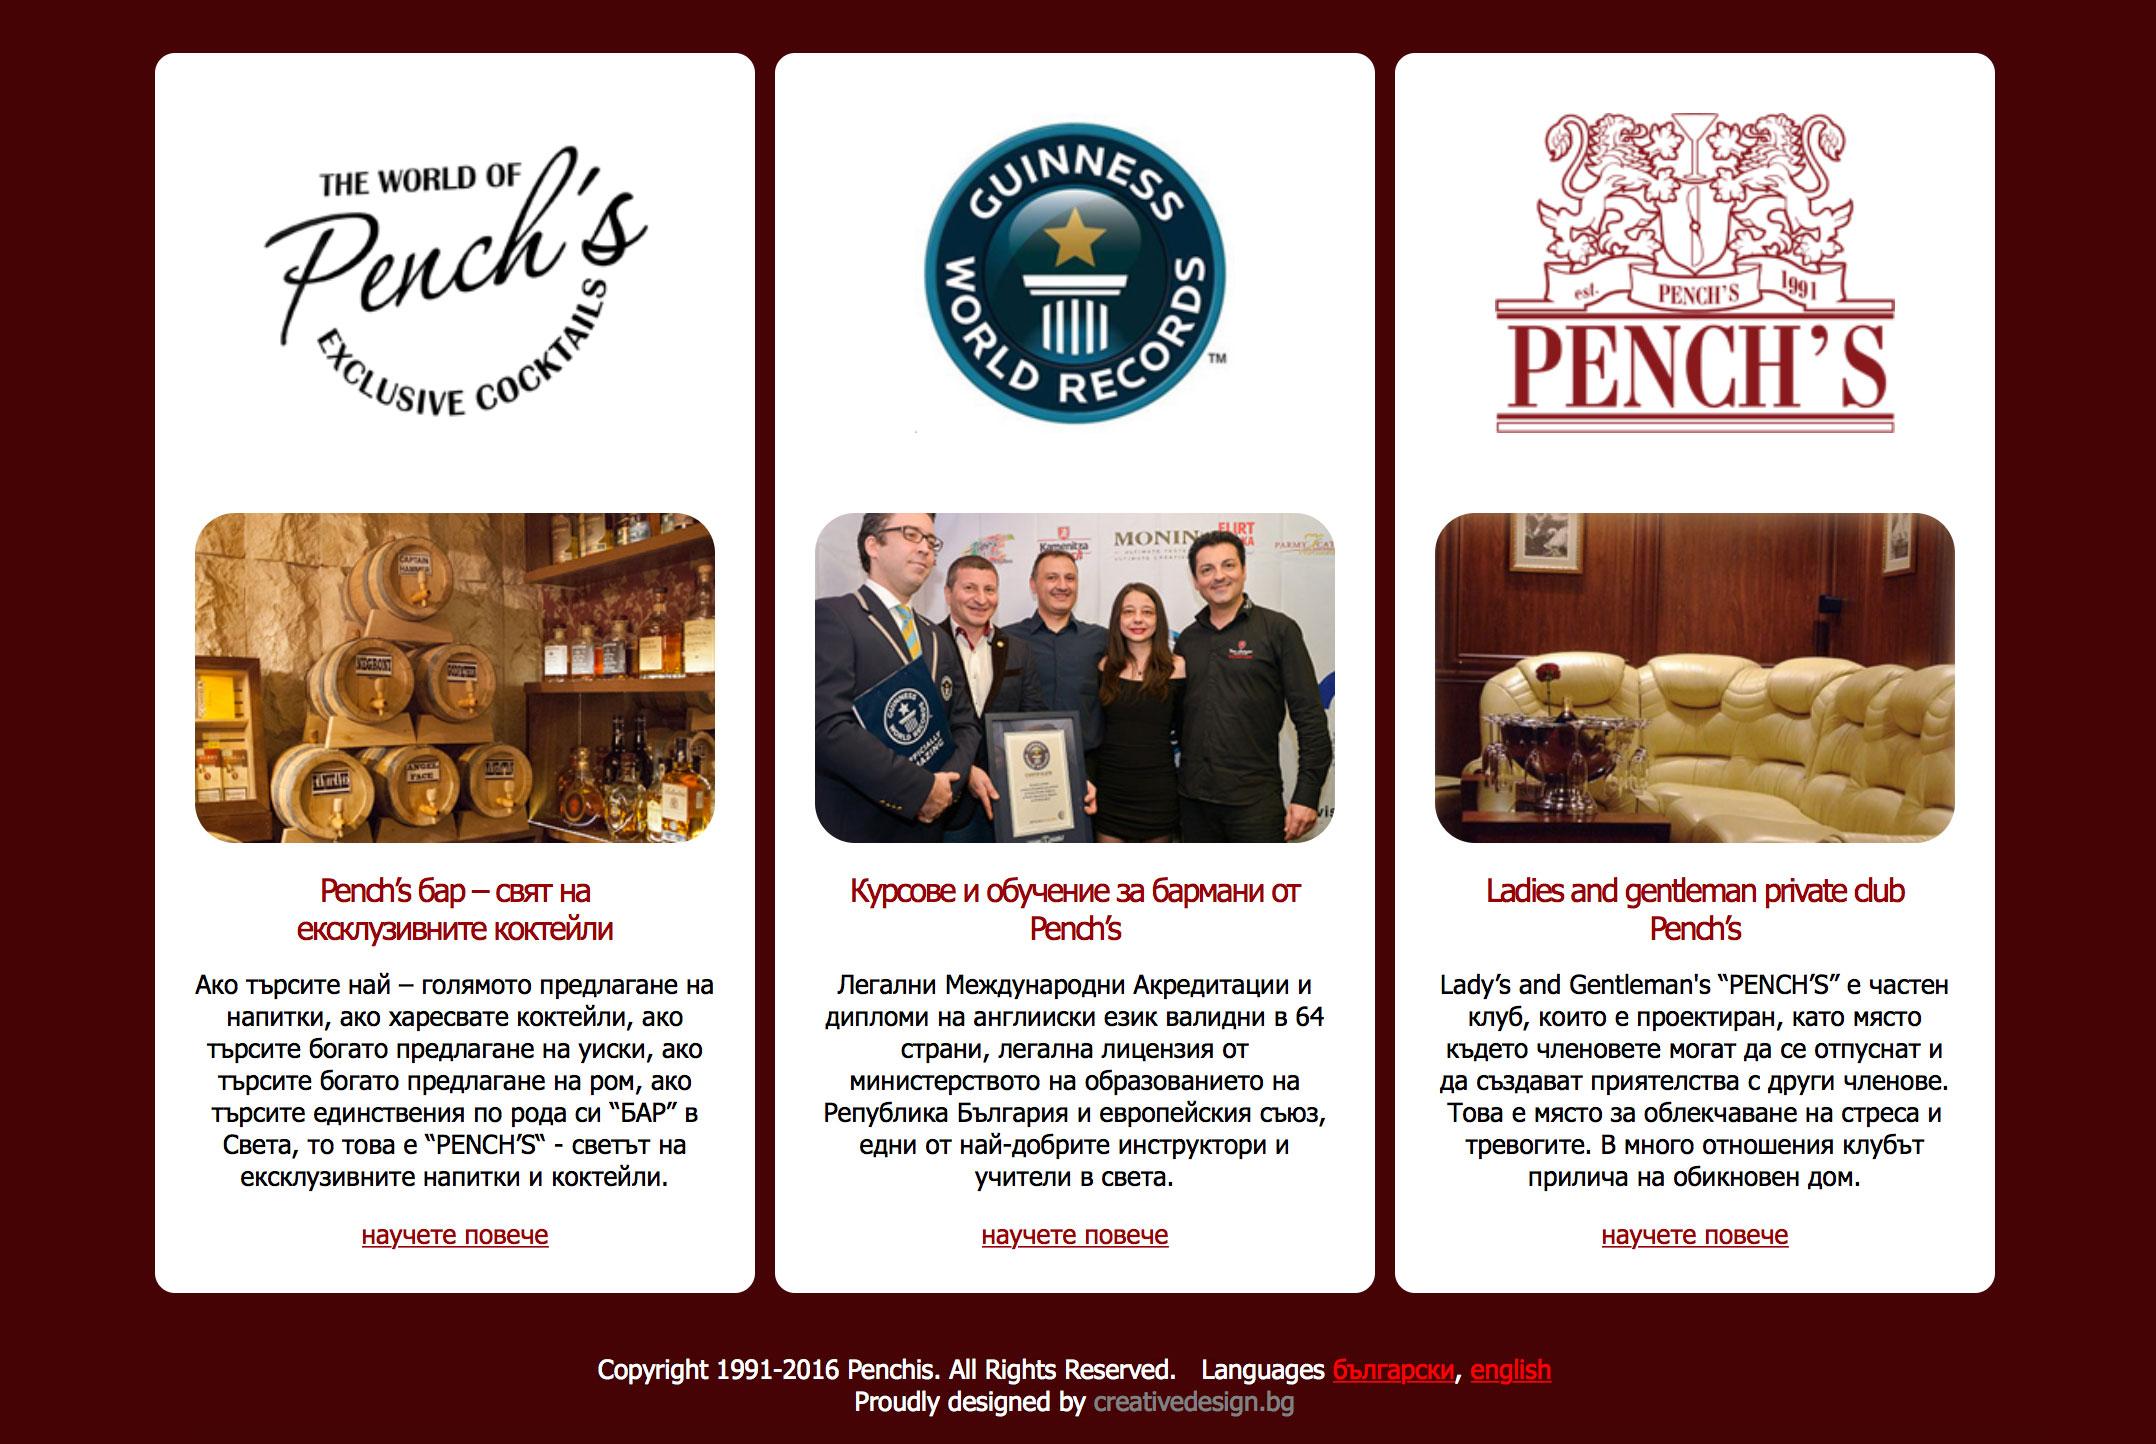 Penchis Club